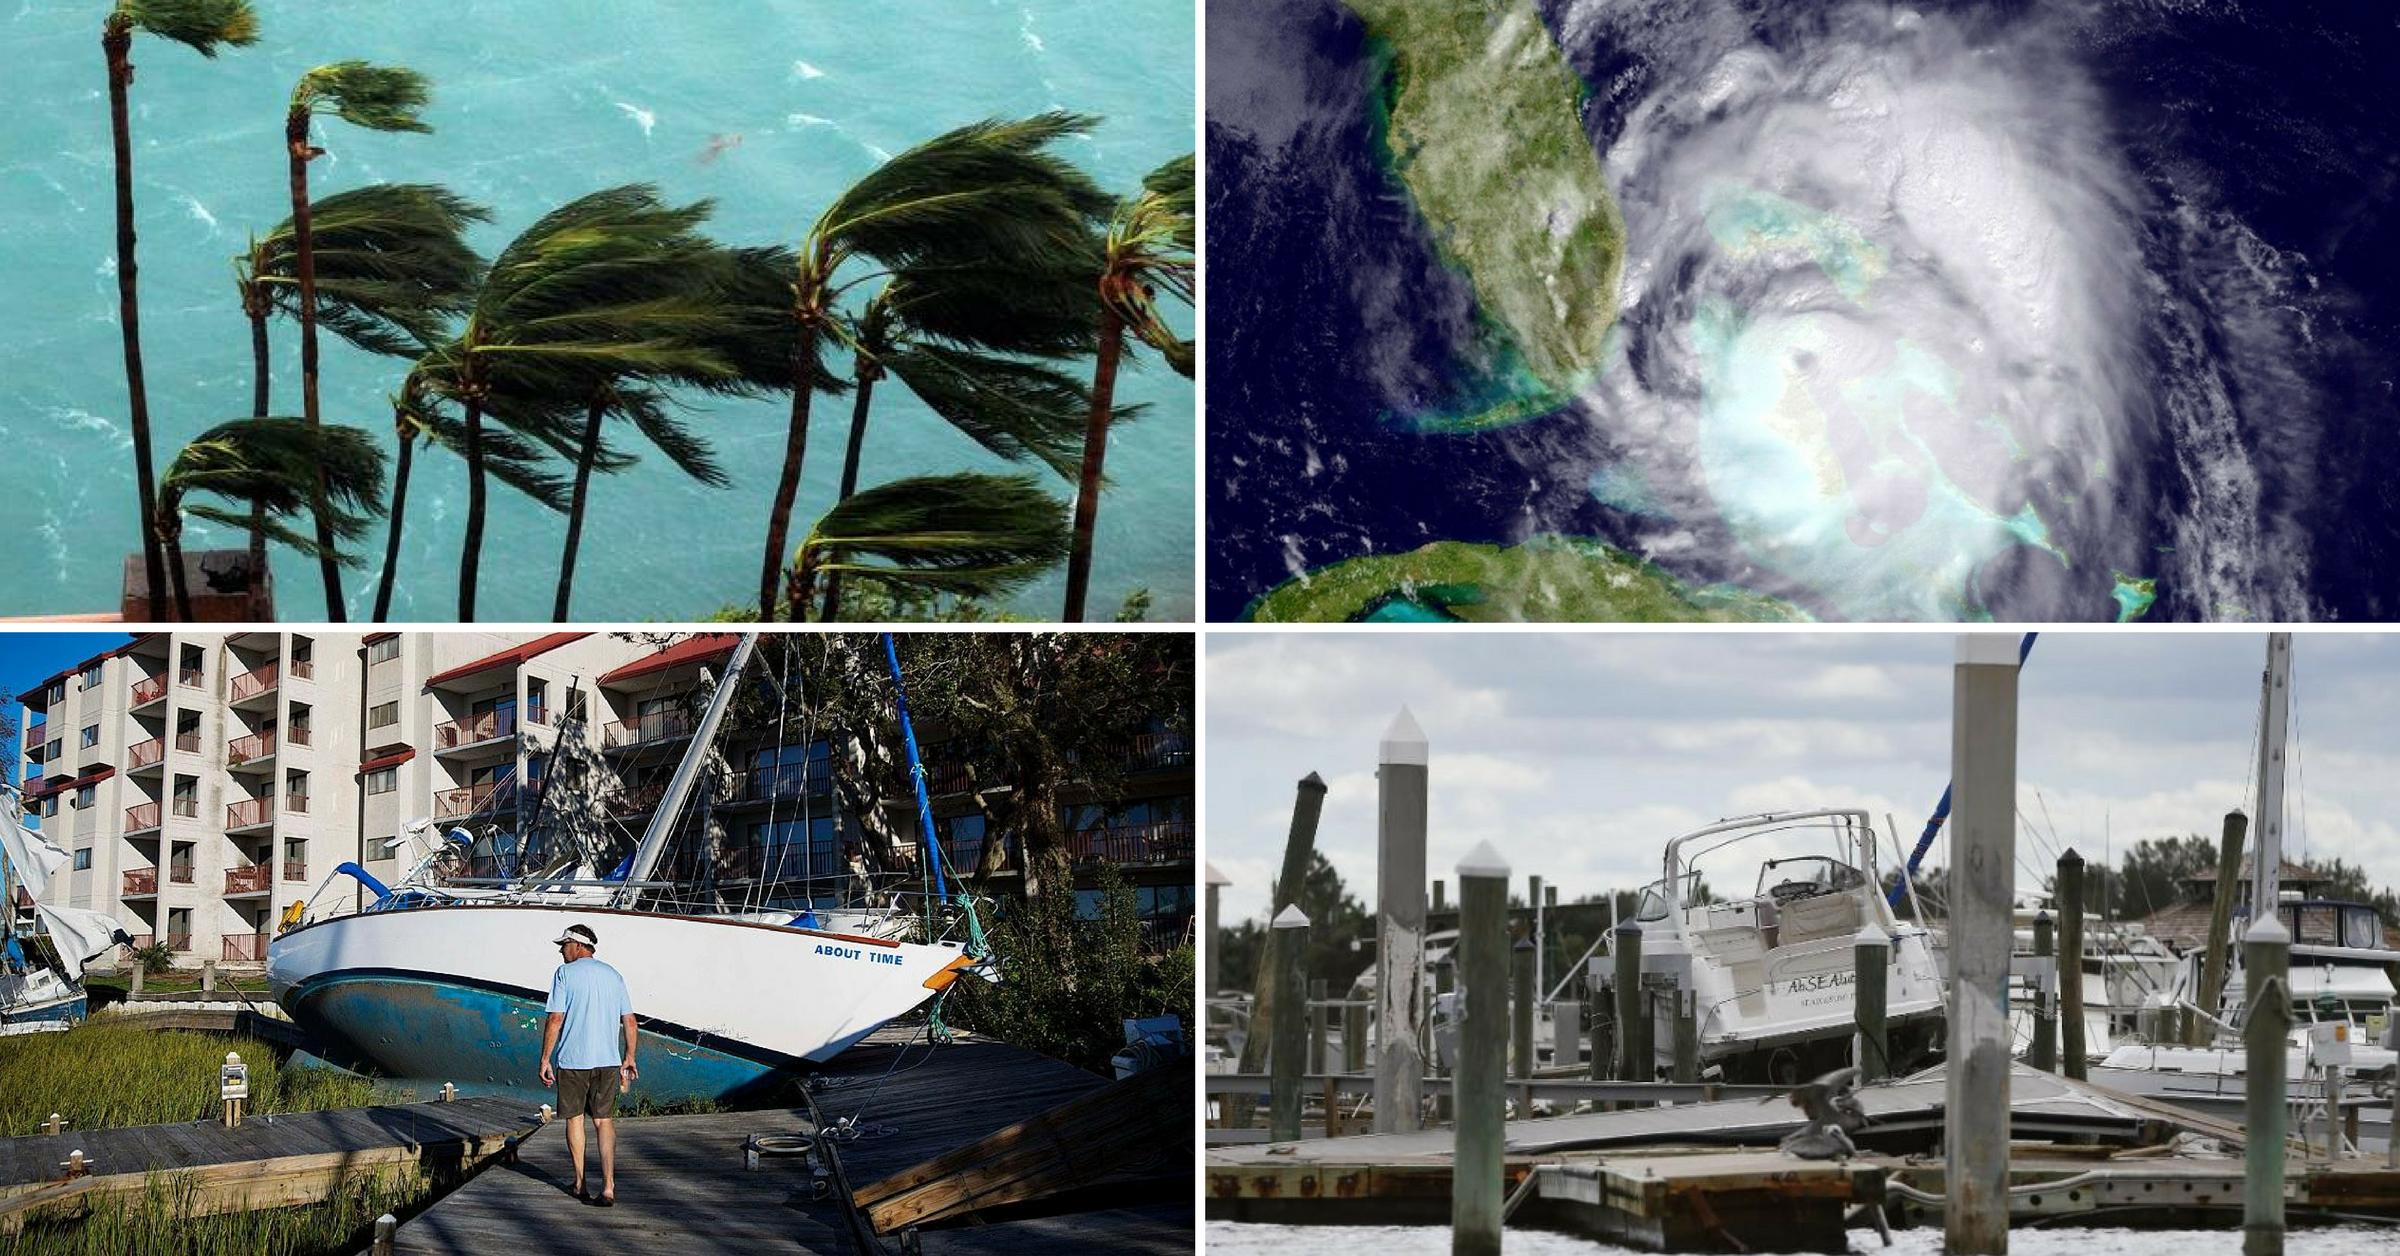 Hurricane Matthew Marina & Waterway Damage Report: